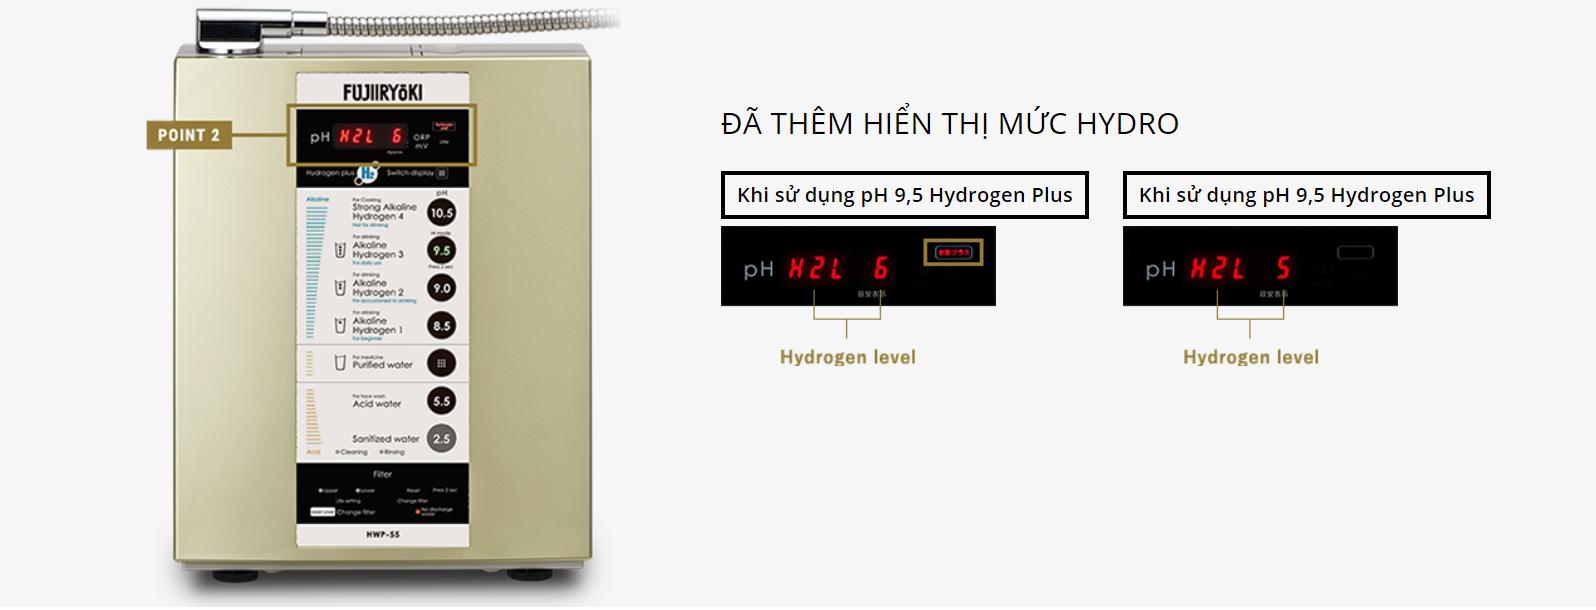 máy lọc nước tạo kiềm Fujiiryoki, Review chi tiết từ A-Z dòng máy lọc nước tạo kiềm Fujiiryoki HWP 55, Nhà phân phối máy lọc nước ion kiềm số 1 Việt Nam   Vitamia